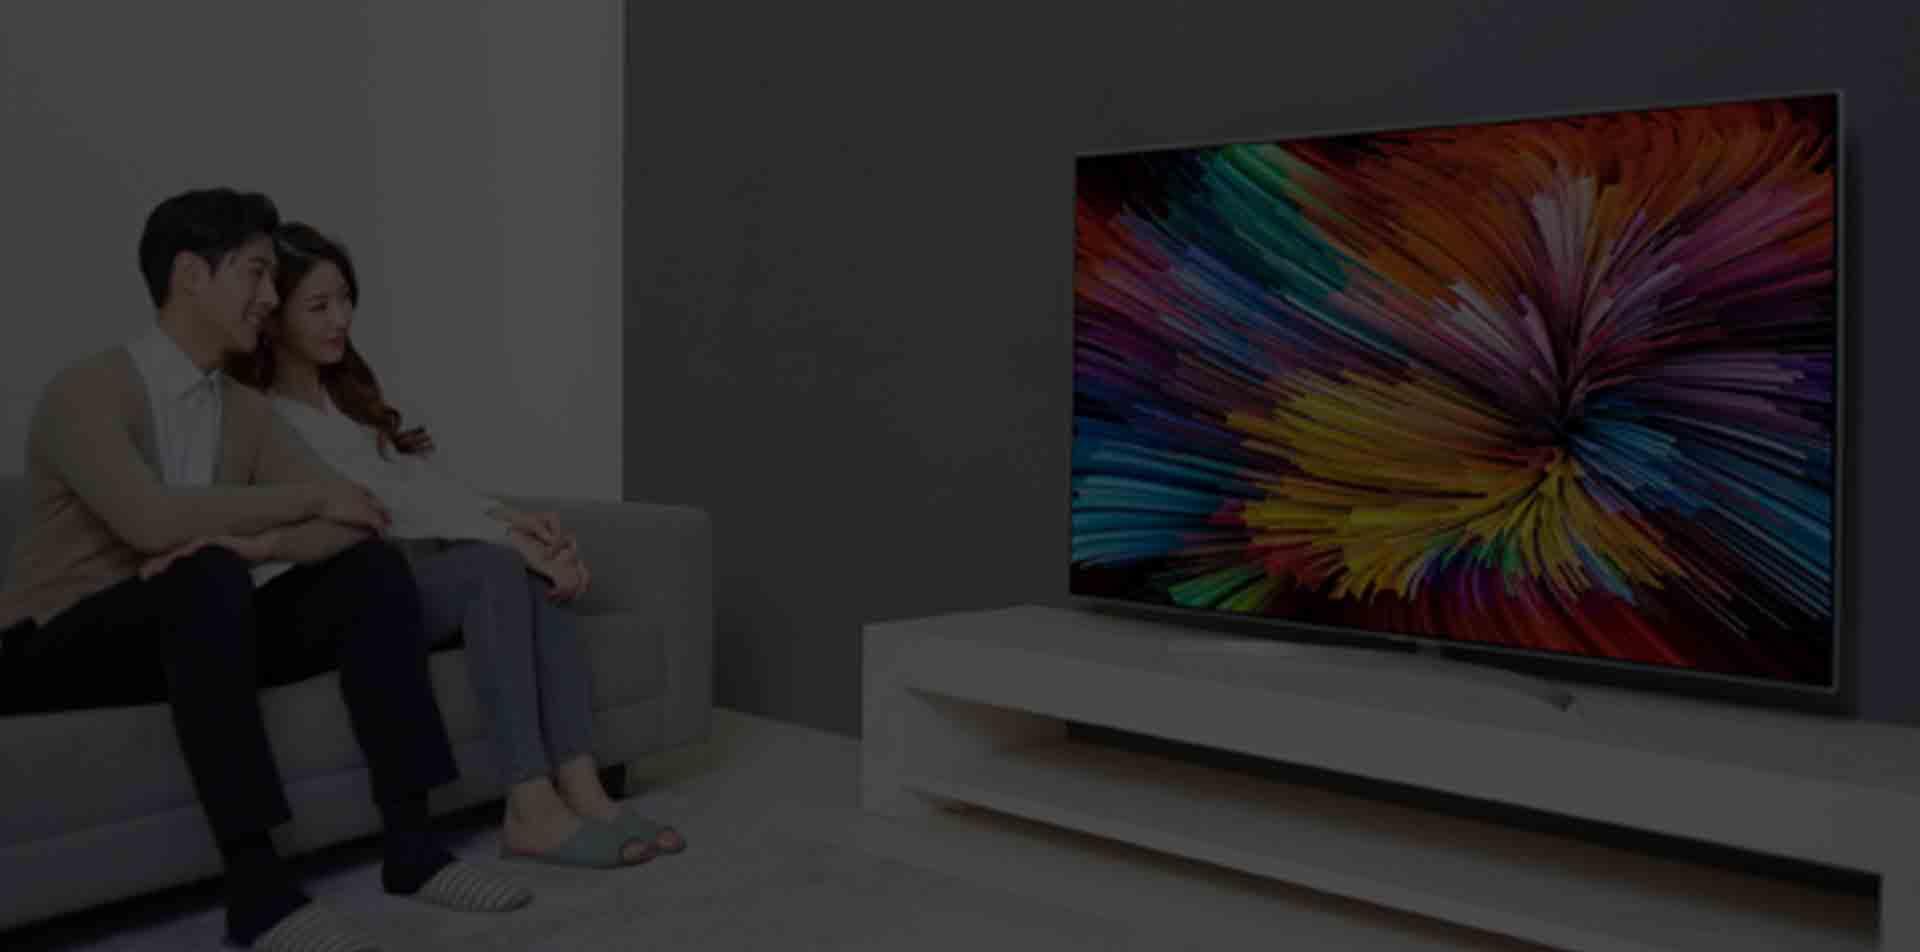 نمایندگی تعمیر تلویزیون شیائومی